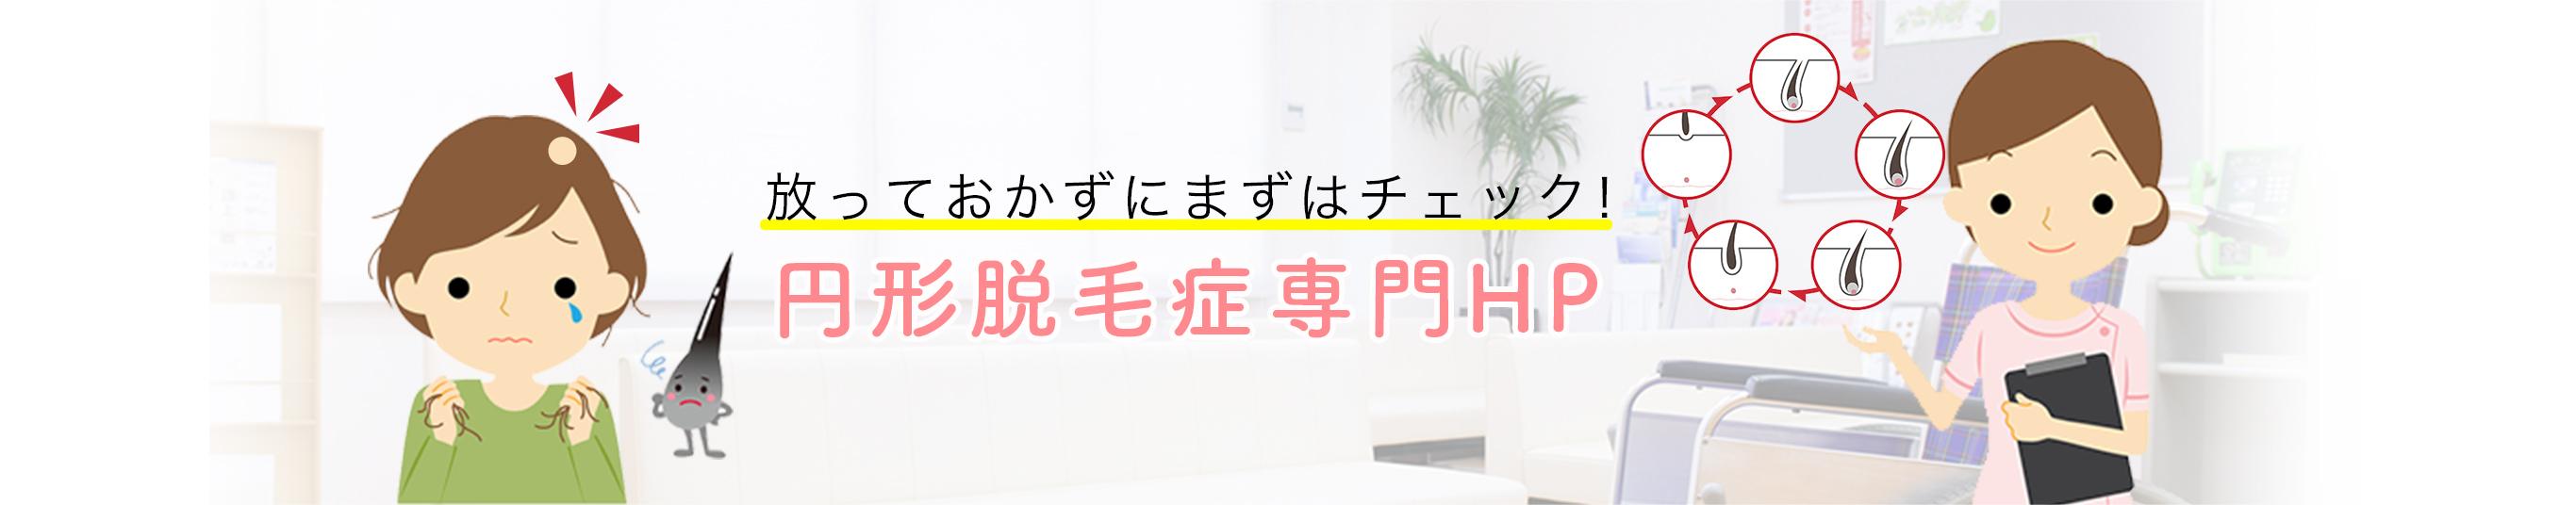 【大阪で円形脱毛症治療専門HP】一人で悩まずに、まずはチェック!